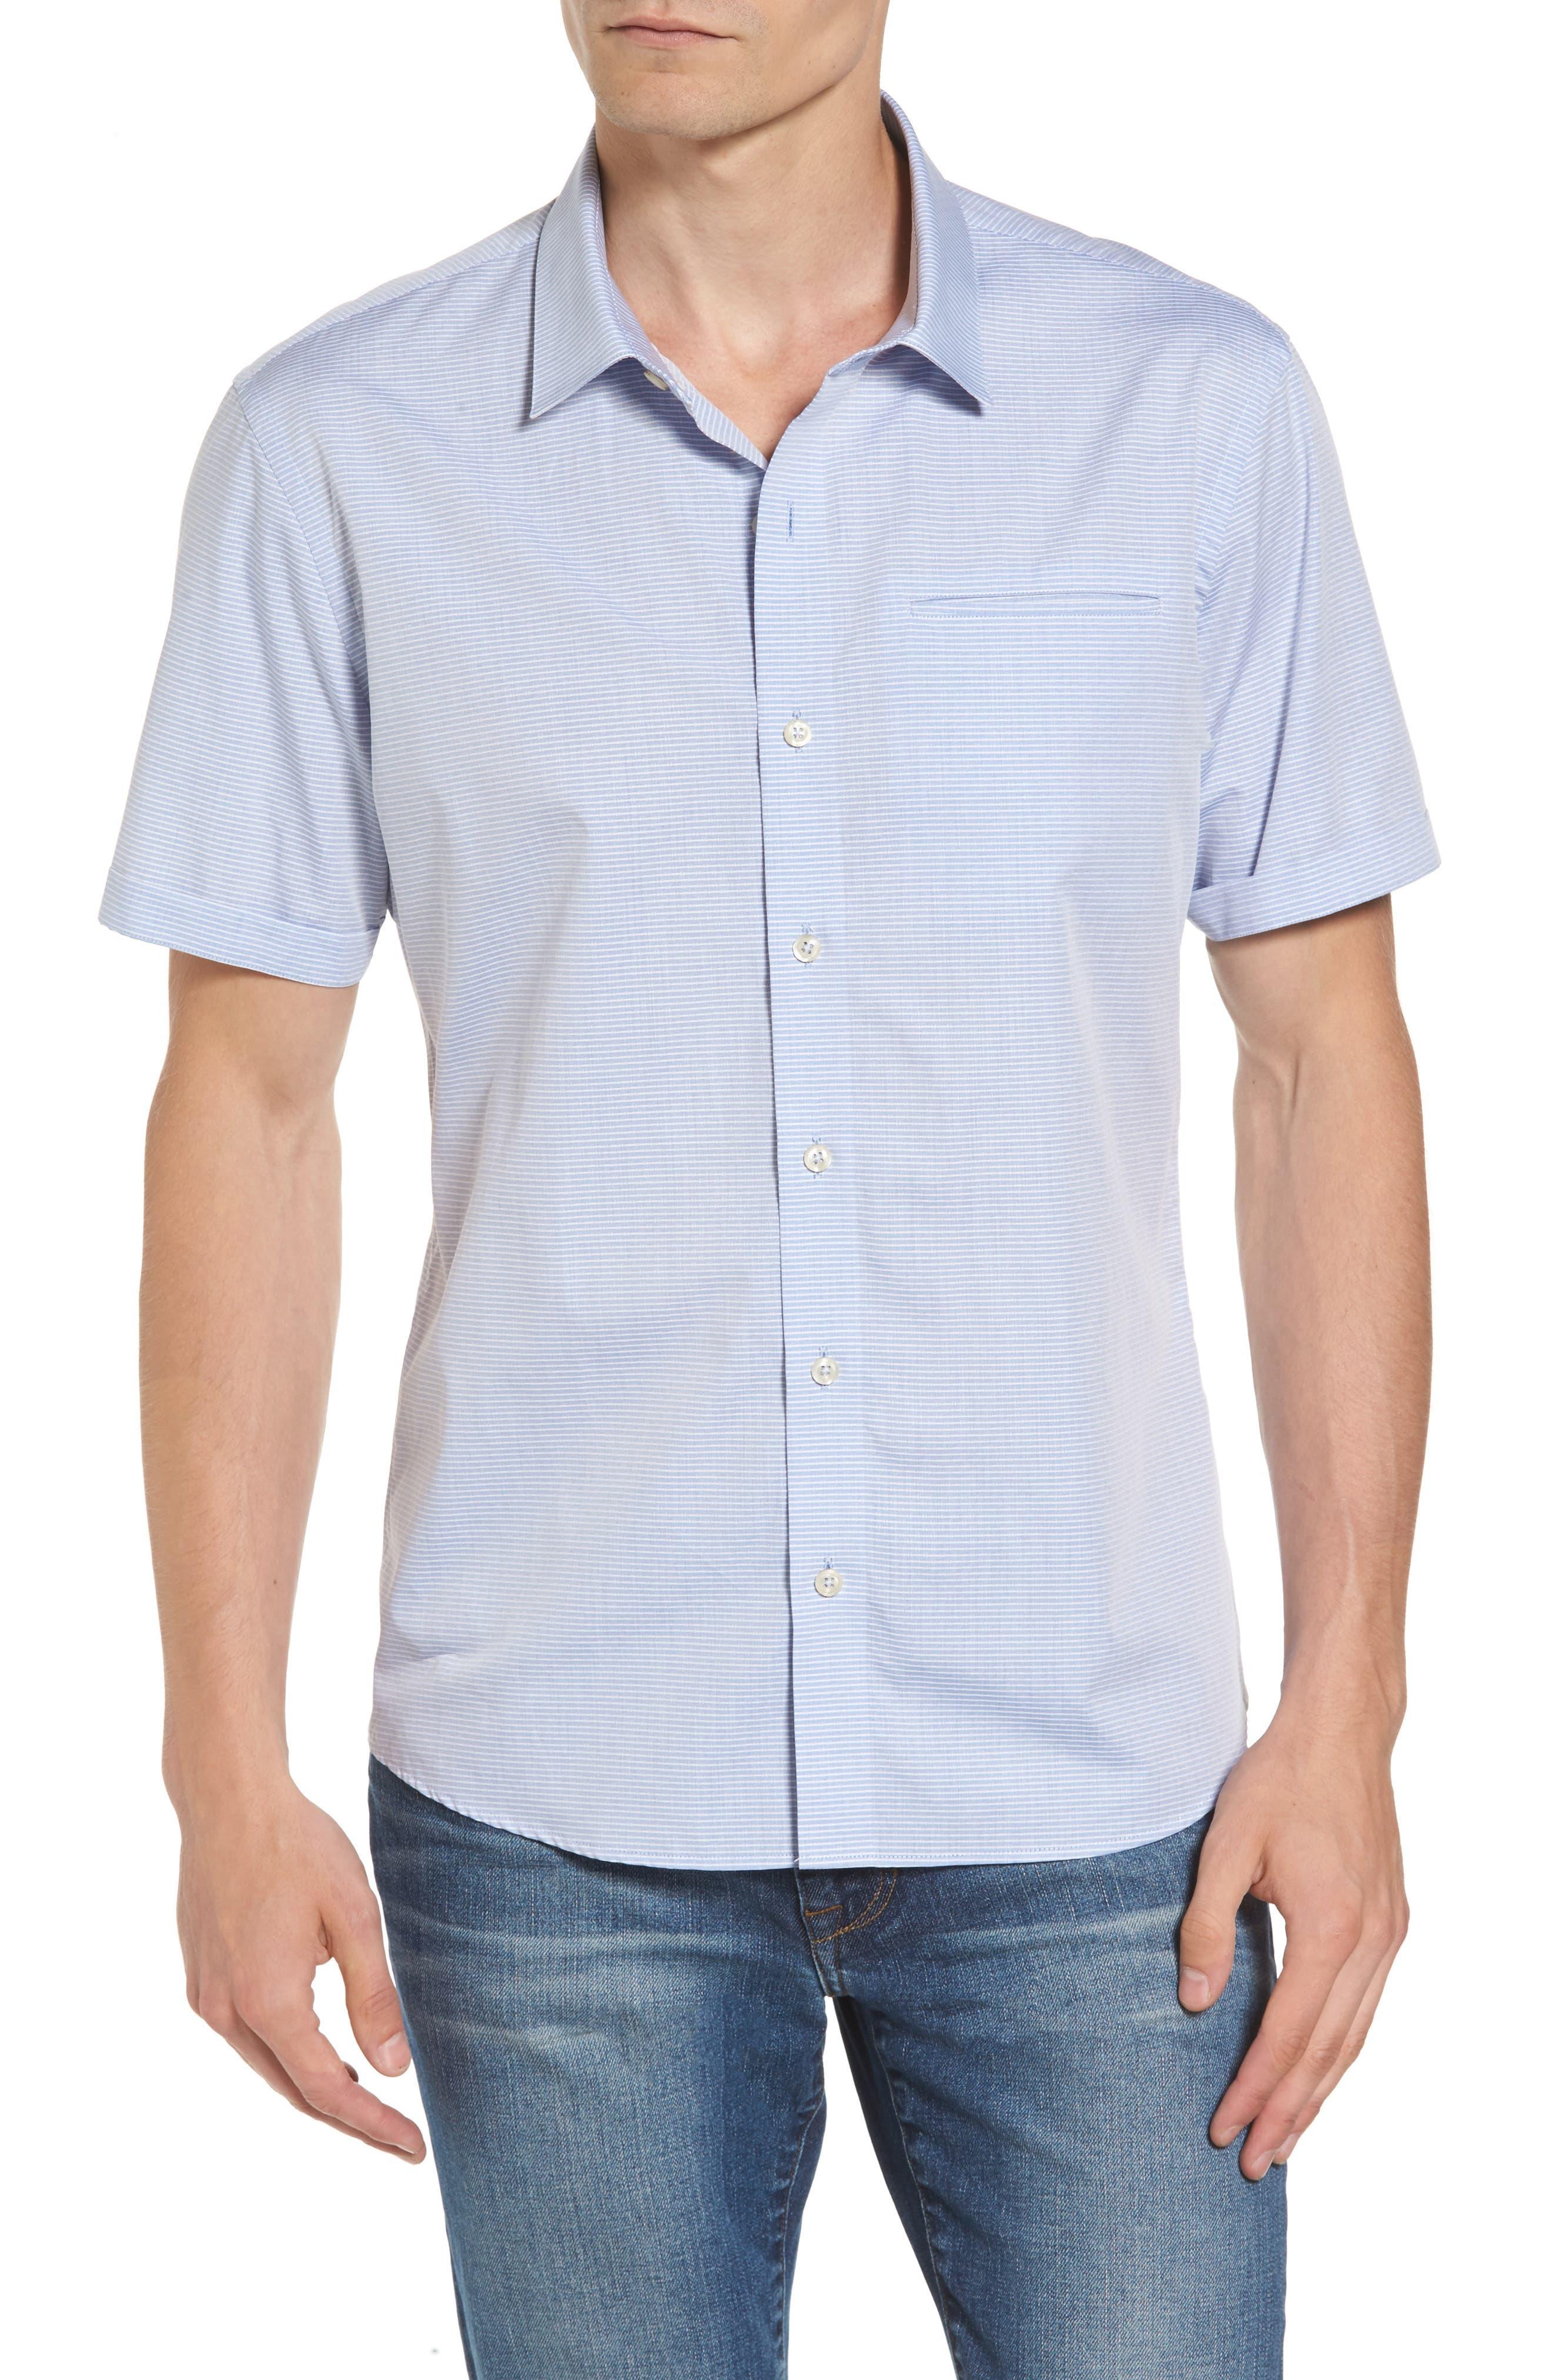 Stripe Woven Shirt,                             Main thumbnail 1, color,                             Light Blue